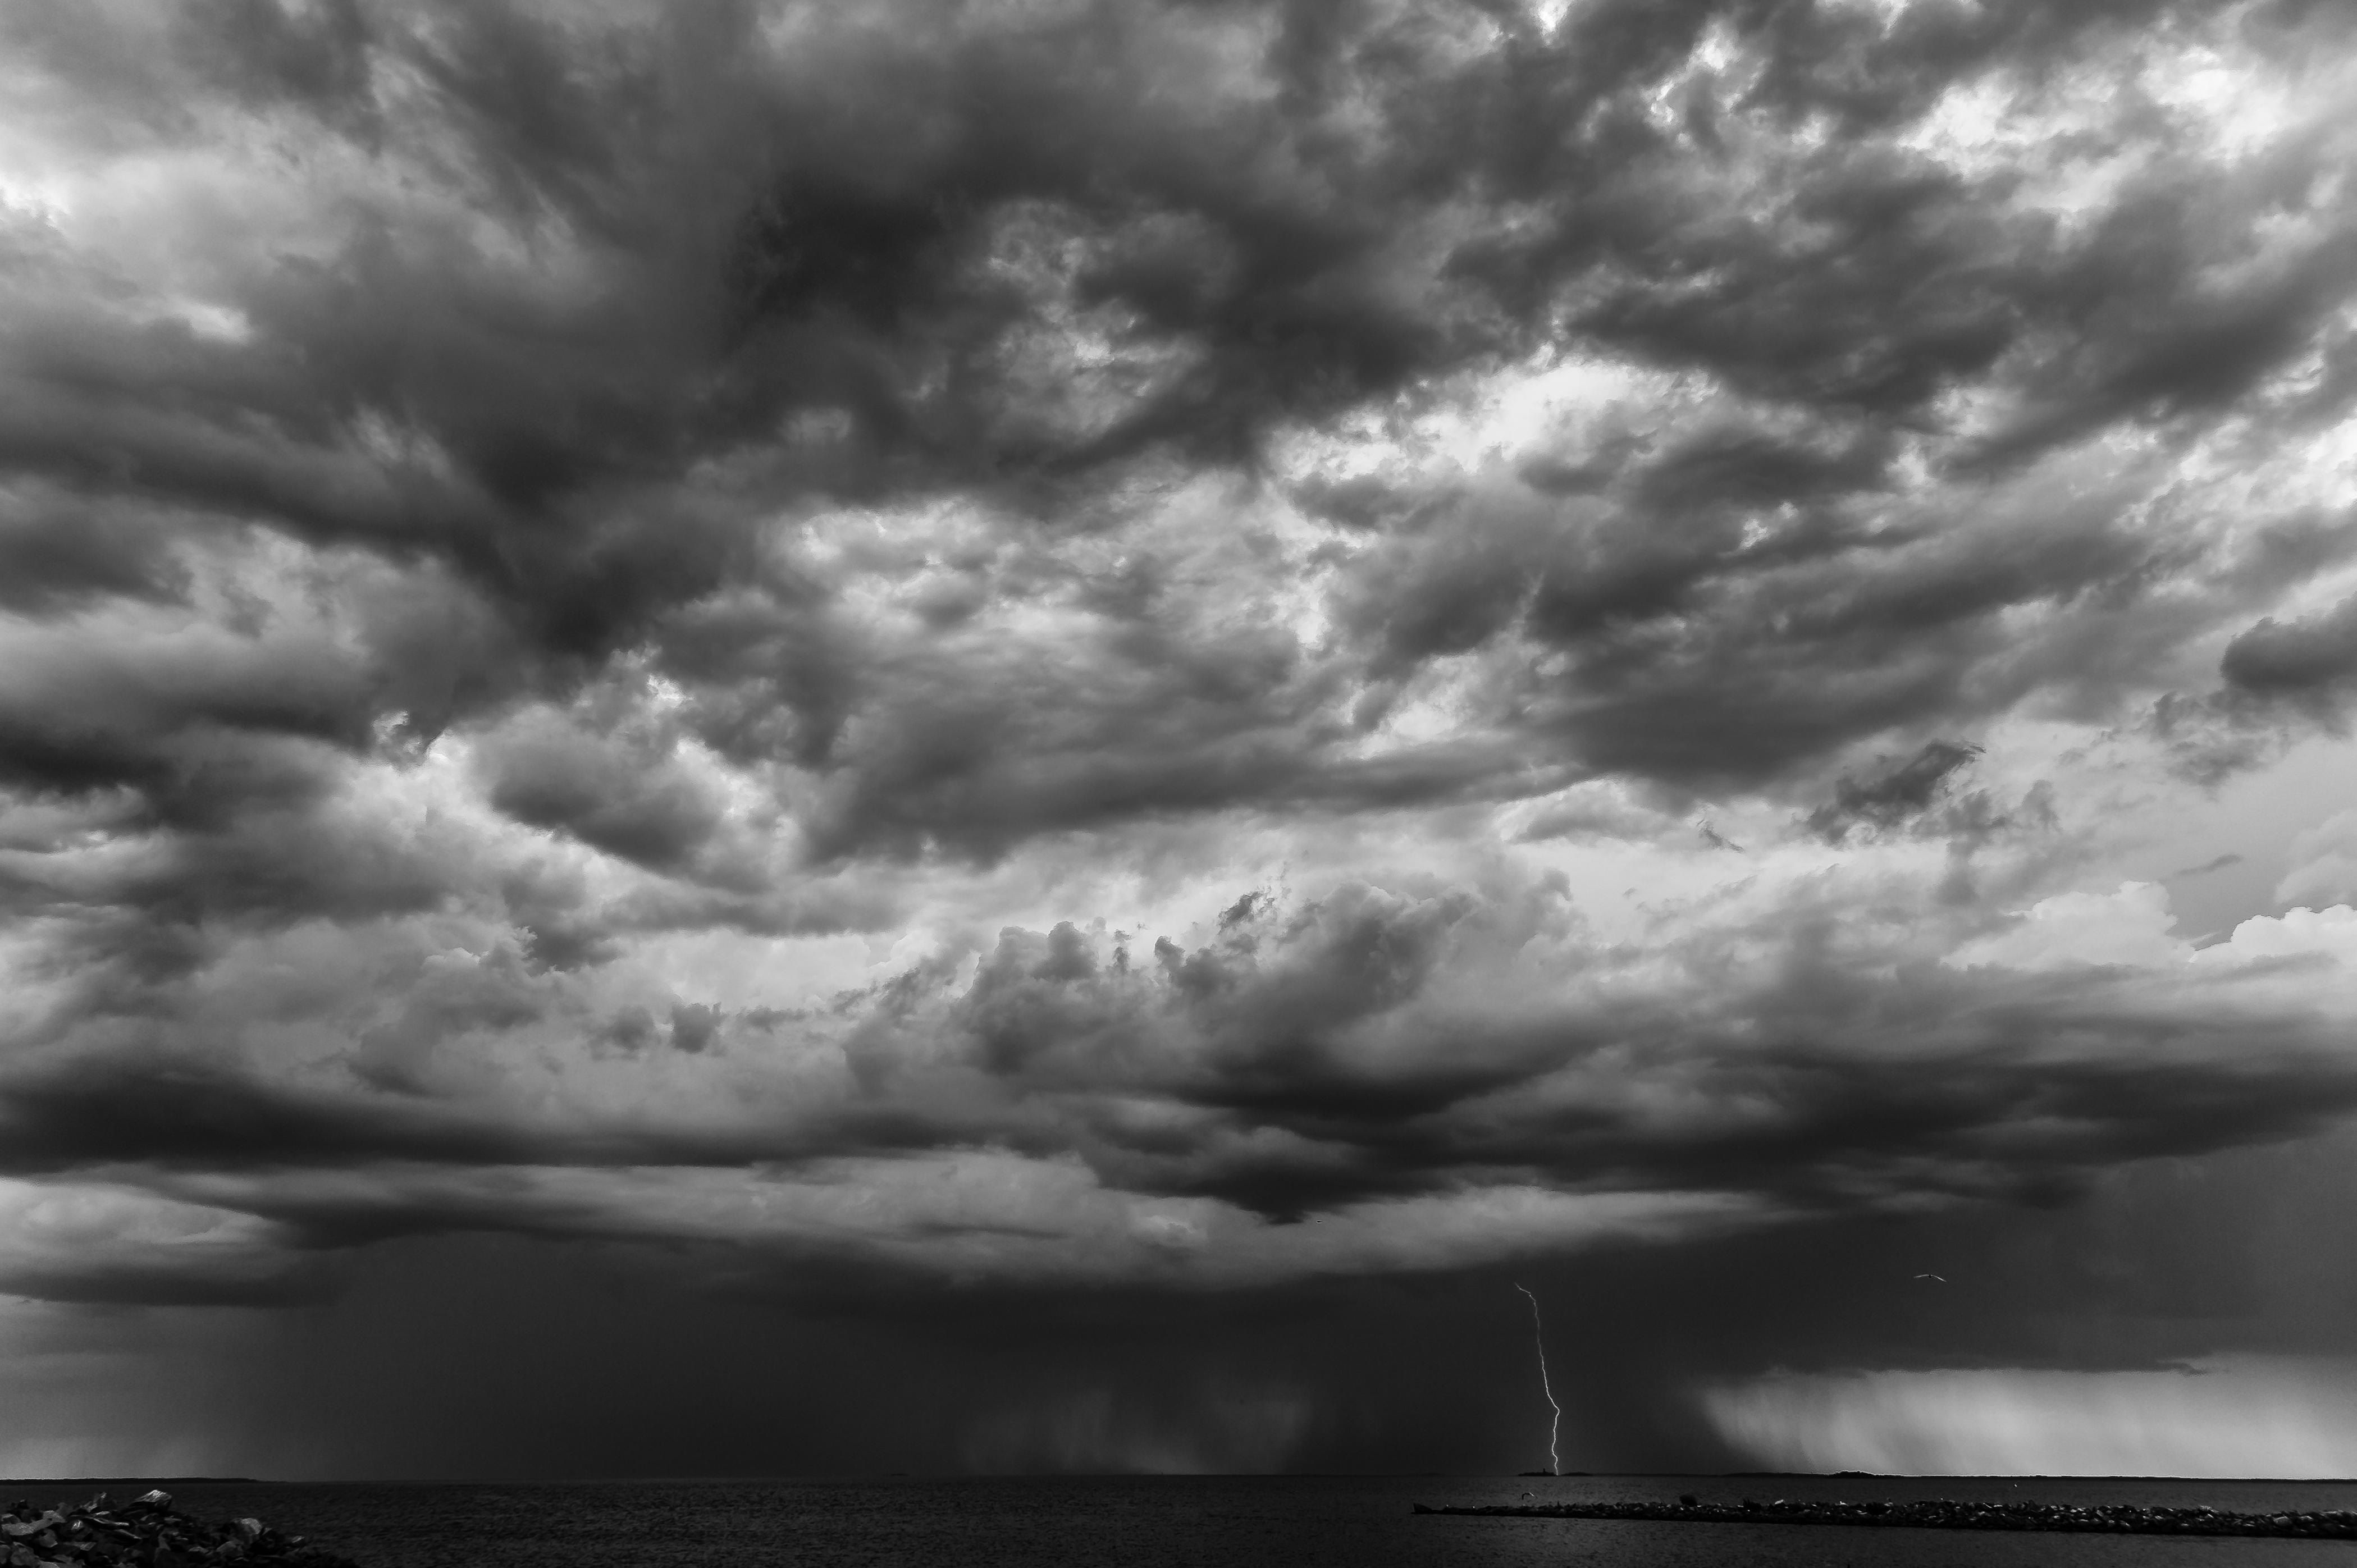 Sfondi Leggero Mare Bianco E Nero Bw Nube Paesaggio Marino